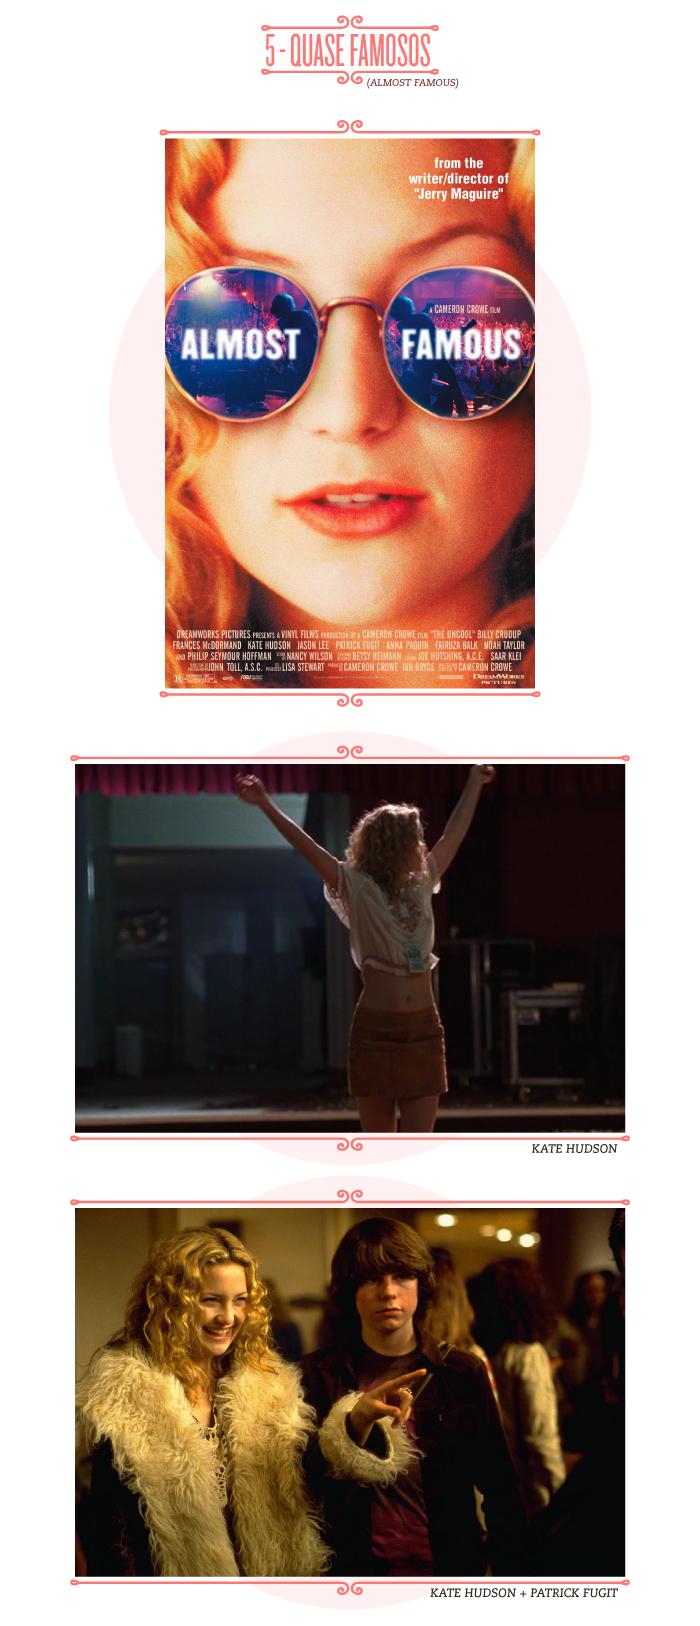 02-17-a-5-filmes-subestimados-mas-que-valem-a-pena-assistir-05